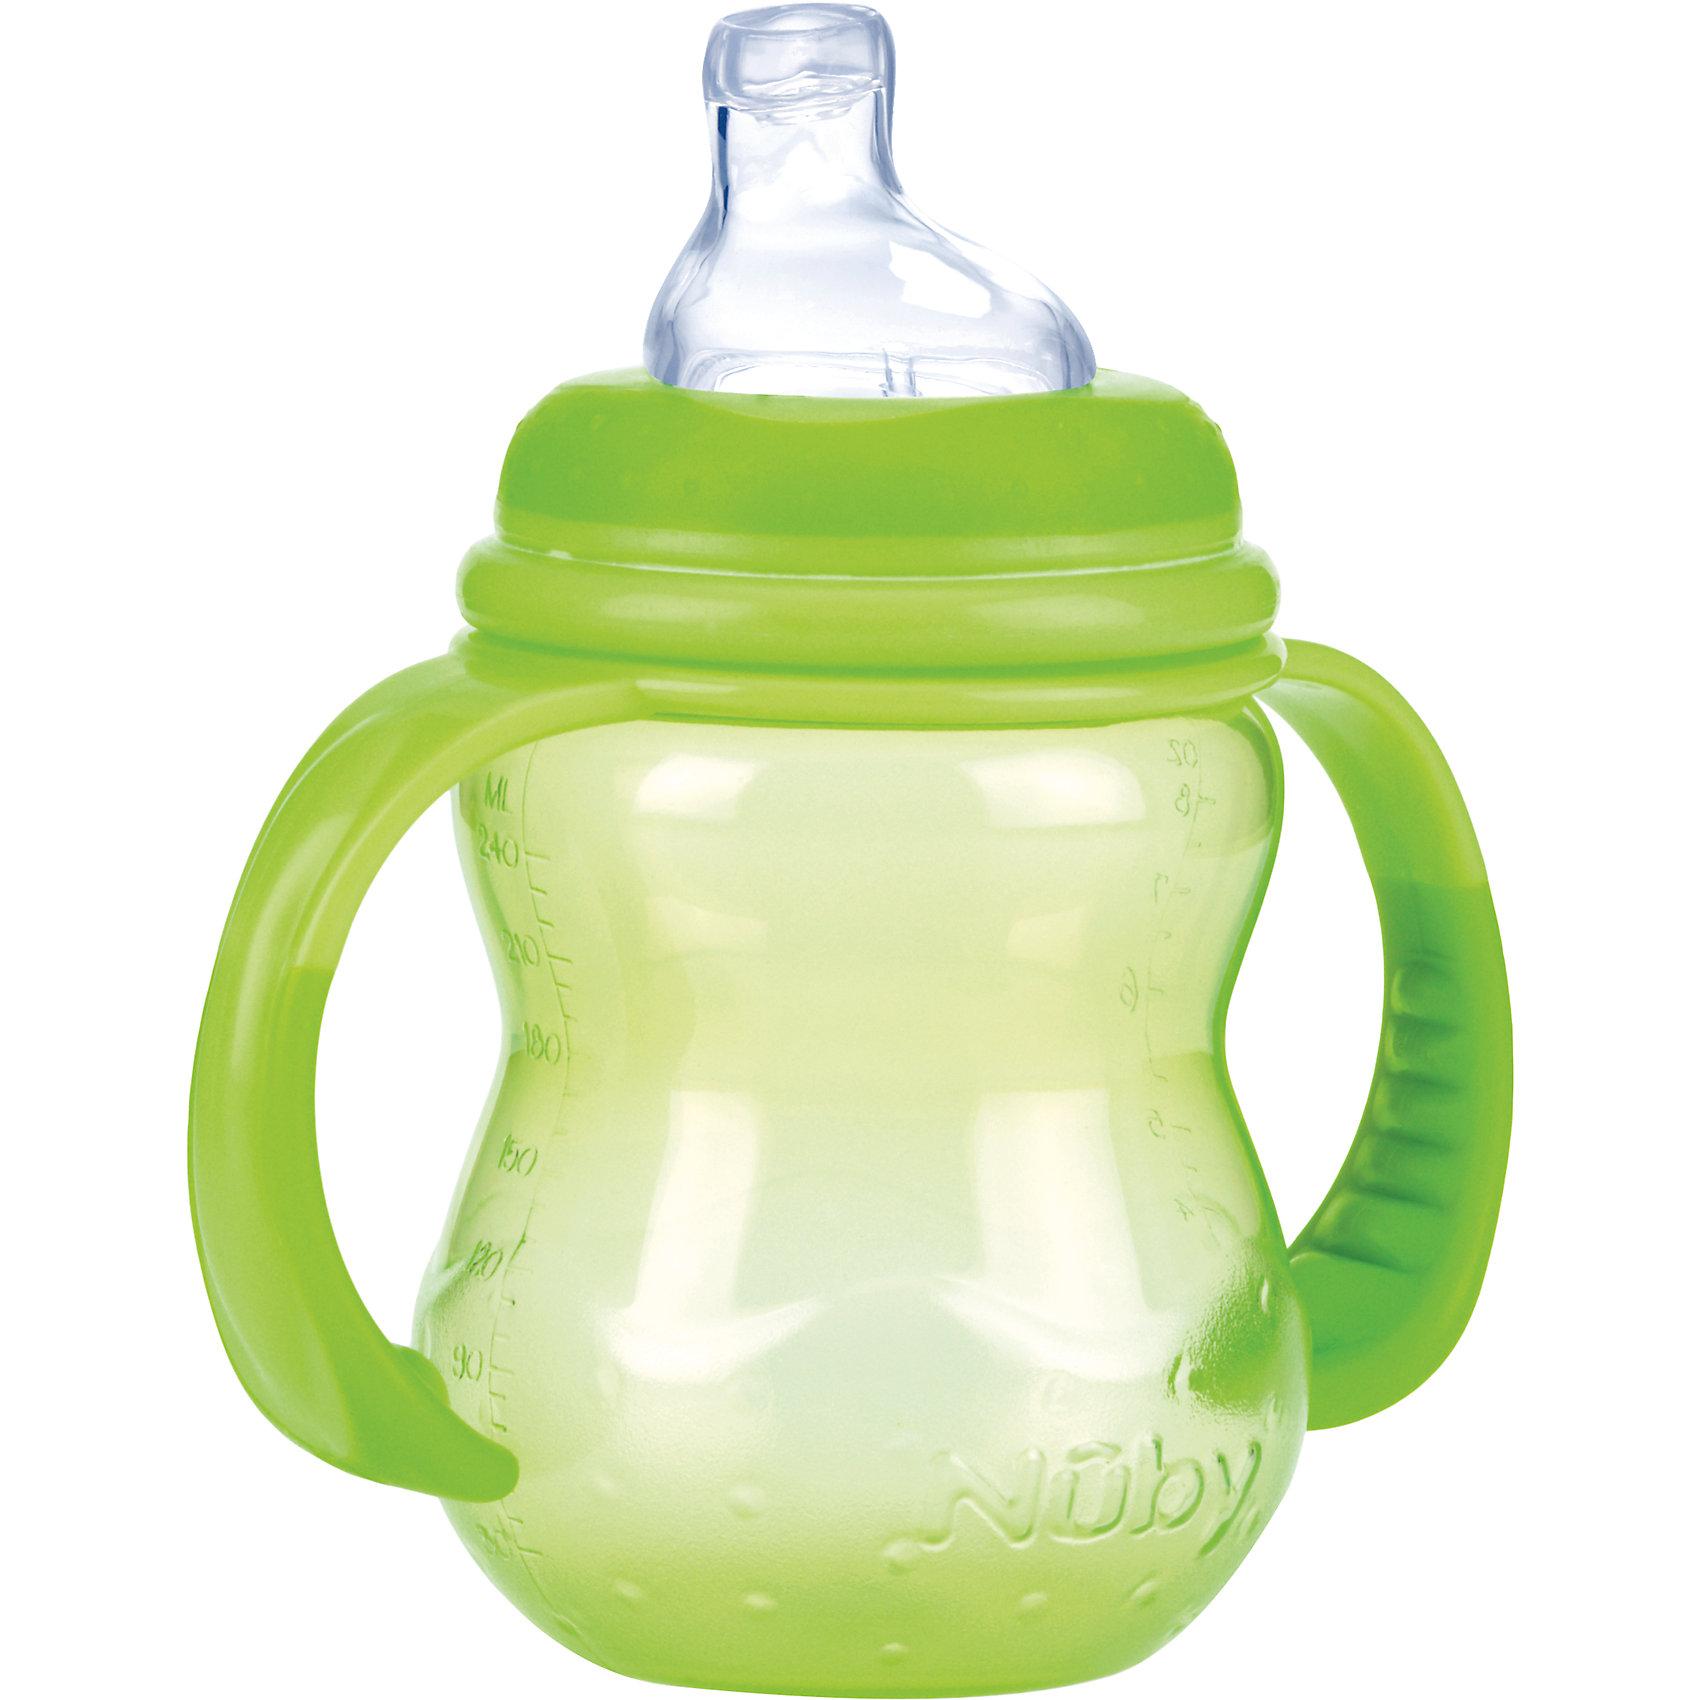 Полипропиленовая бутылочка с ручками, Nuby, 240 мл, зеленый210 - 281 мл.<br>Полипропиленовая бутылочка с ручками Nuby, 240 мл.  <br>Подходит для детей с 06 месяцев. Преимущество бутылочки состоит в том, что соска, входящая в комплект, имитирует материнскую грудь, что обеспечивает легкое принятие.  <br>Полипропиленовую бутылочку с ручками  Nuby, 240 мл можно приобрести в нашем интернет-магазине.<br><br>Ширина мм: 80<br>Глубина мм: 125<br>Высота мм: 130<br>Вес г: 104<br>Цвет: зеленый<br>Возраст от месяцев: 6<br>Возраст до месяцев: 12<br>Пол: Унисекс<br>Возраст: Детский<br>SKU: 4318205